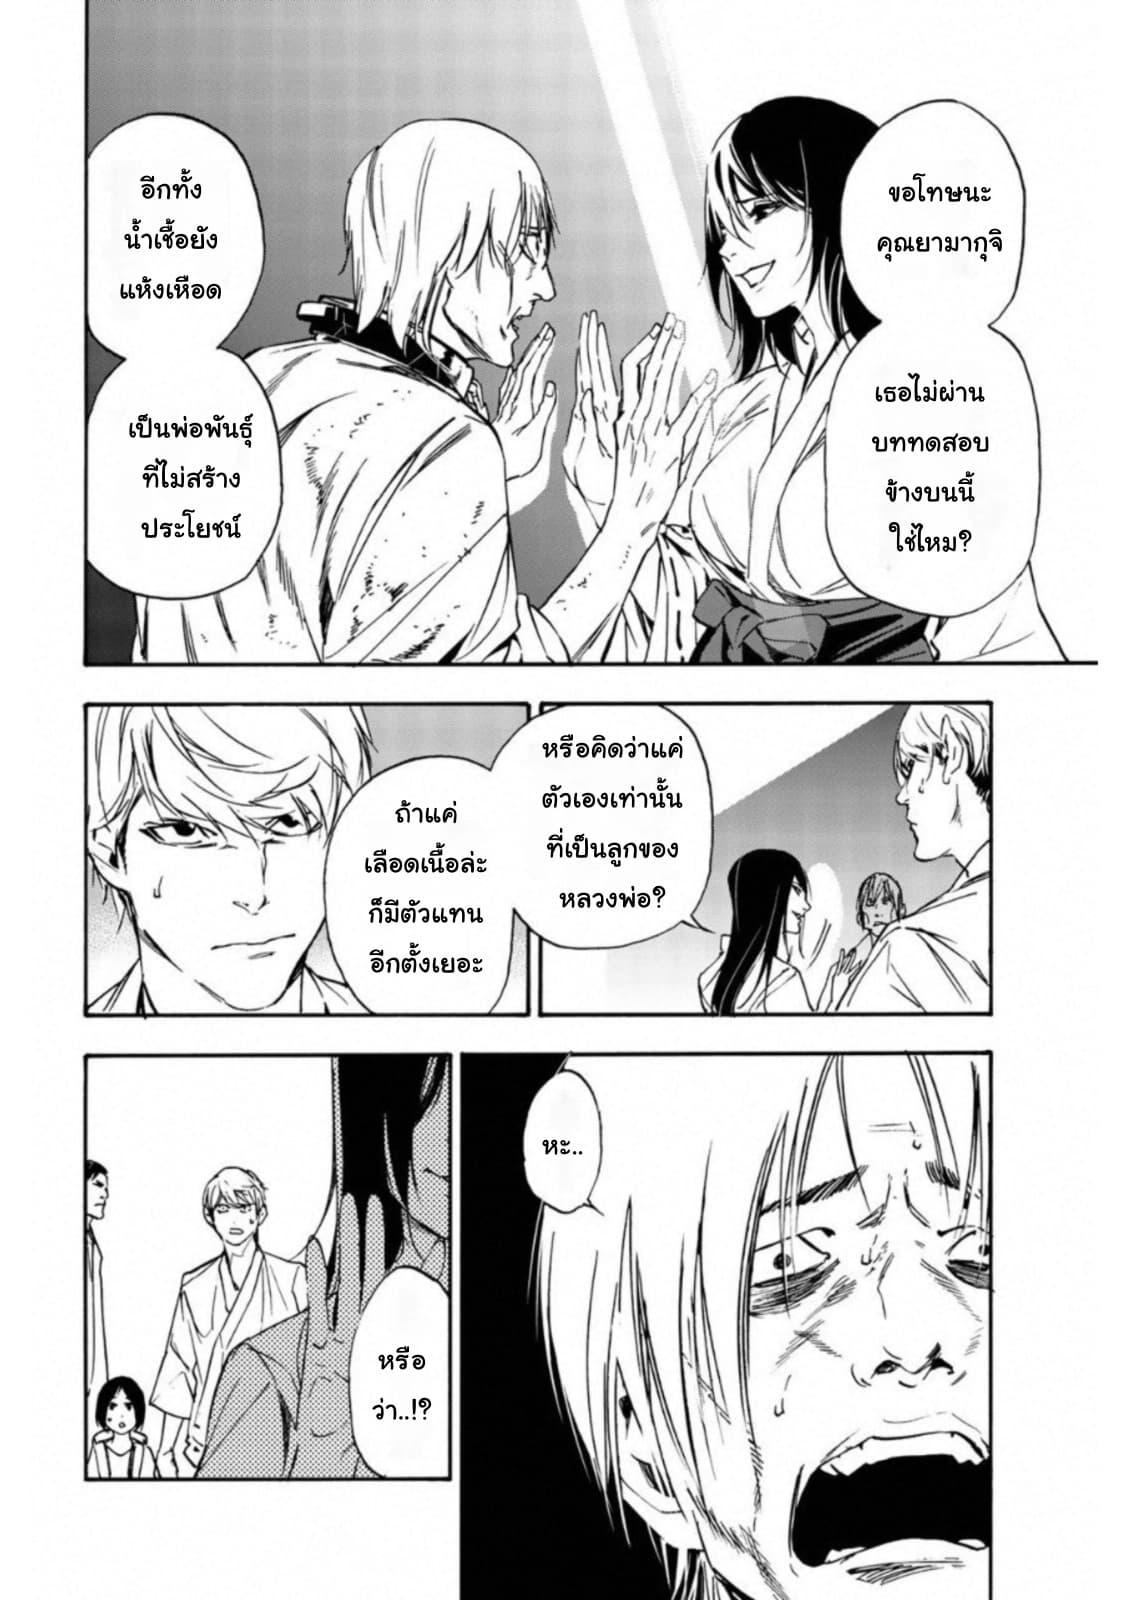 อ่านการ์ตูน Zetsubou no Rakuen ตอนที่ 11 หน้าที่ 15